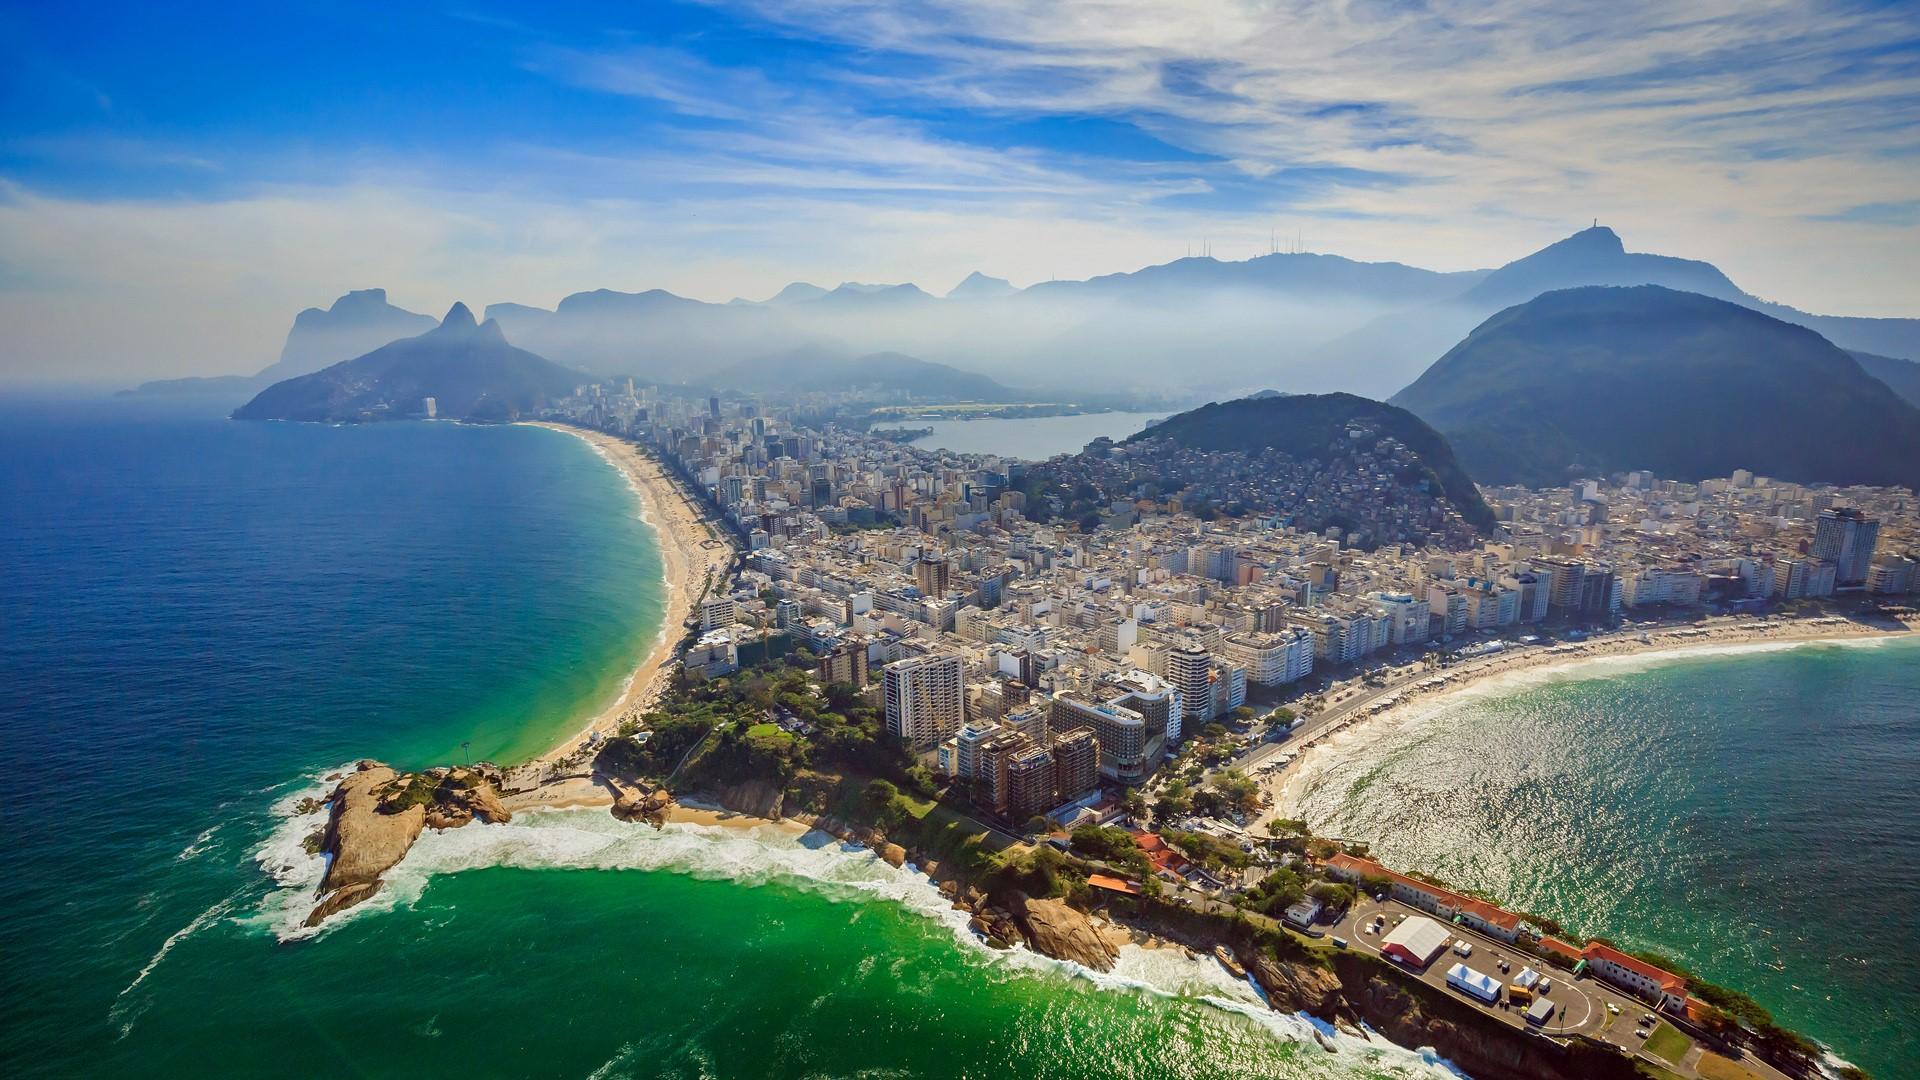 copacabana beach and ipanema beach aerial view rio de janeiro